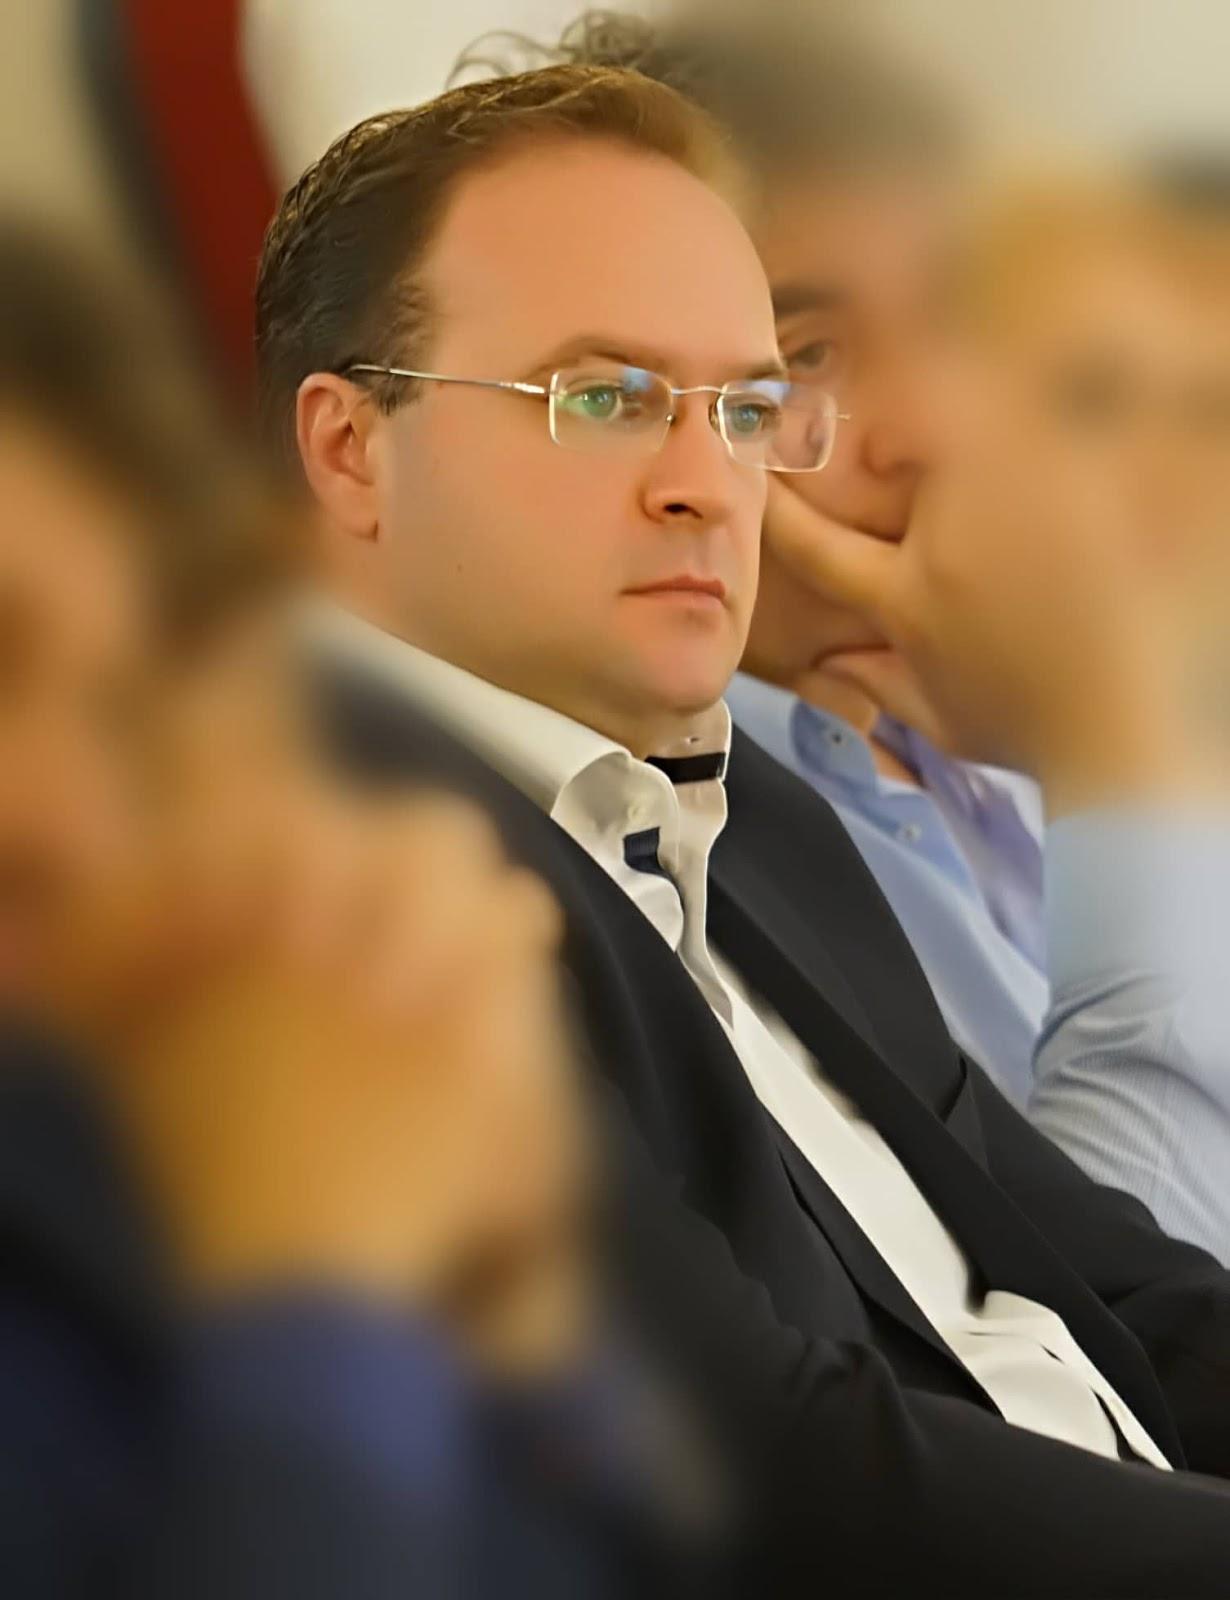 Στέλιος Βαλιάνος: «Όσοι επιλέγουν να αγνοούν επιδεικτικά το πρόγραμμα της  επόμενης Δημοτικής Αρχής, θα απογοητευτούν!»